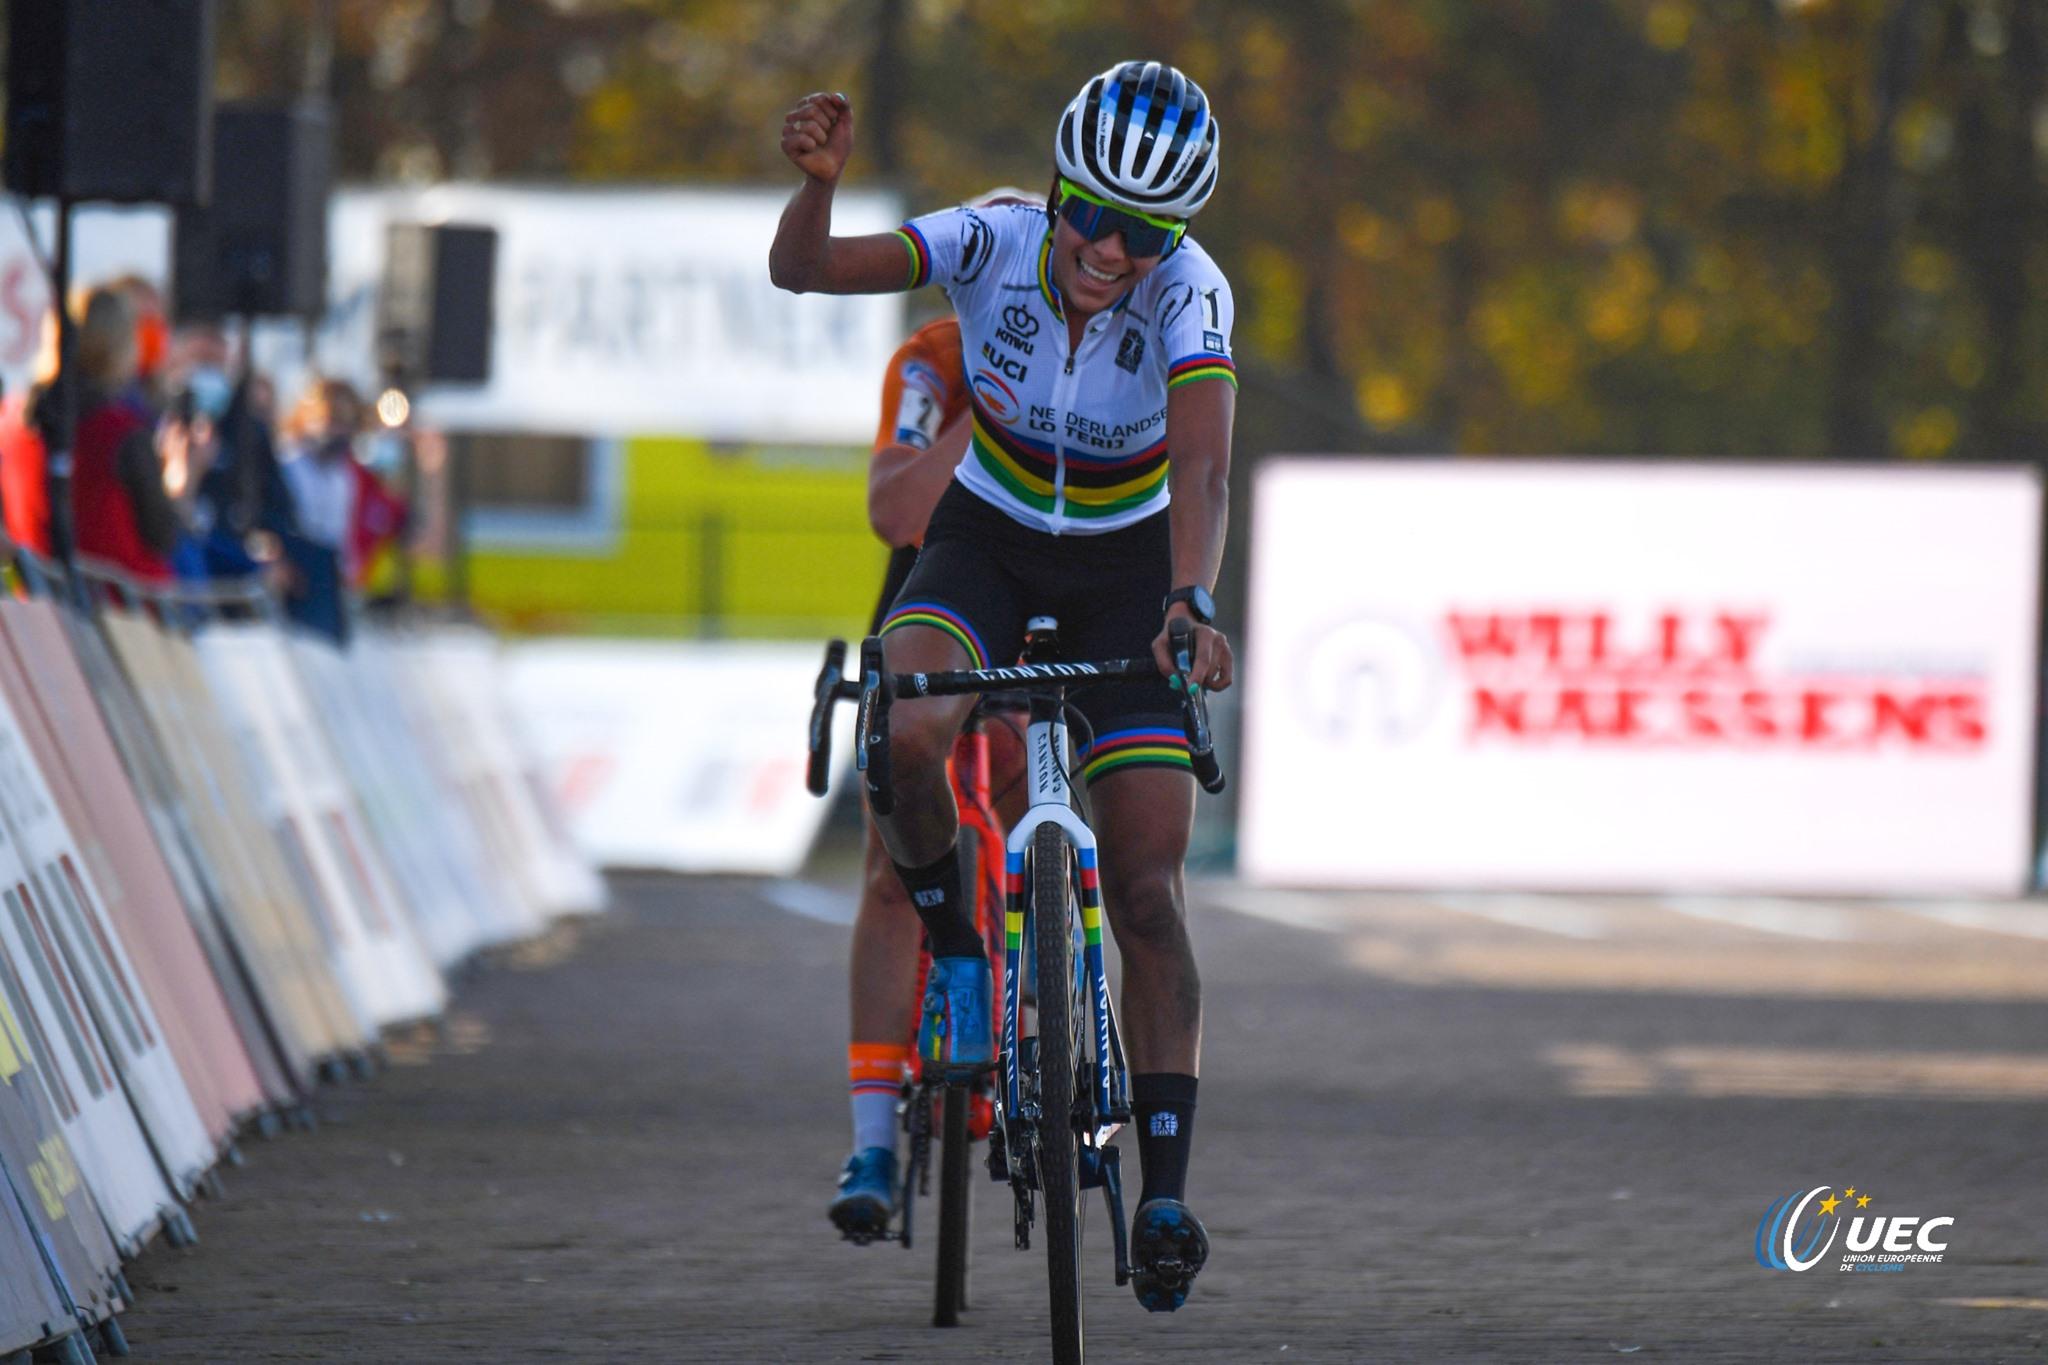 Ceylin Del Carmen Alvarado vince il Campionato Europeo di Ciclocross Donne Elite 2020 (foto UEC/BettiniPhoto)